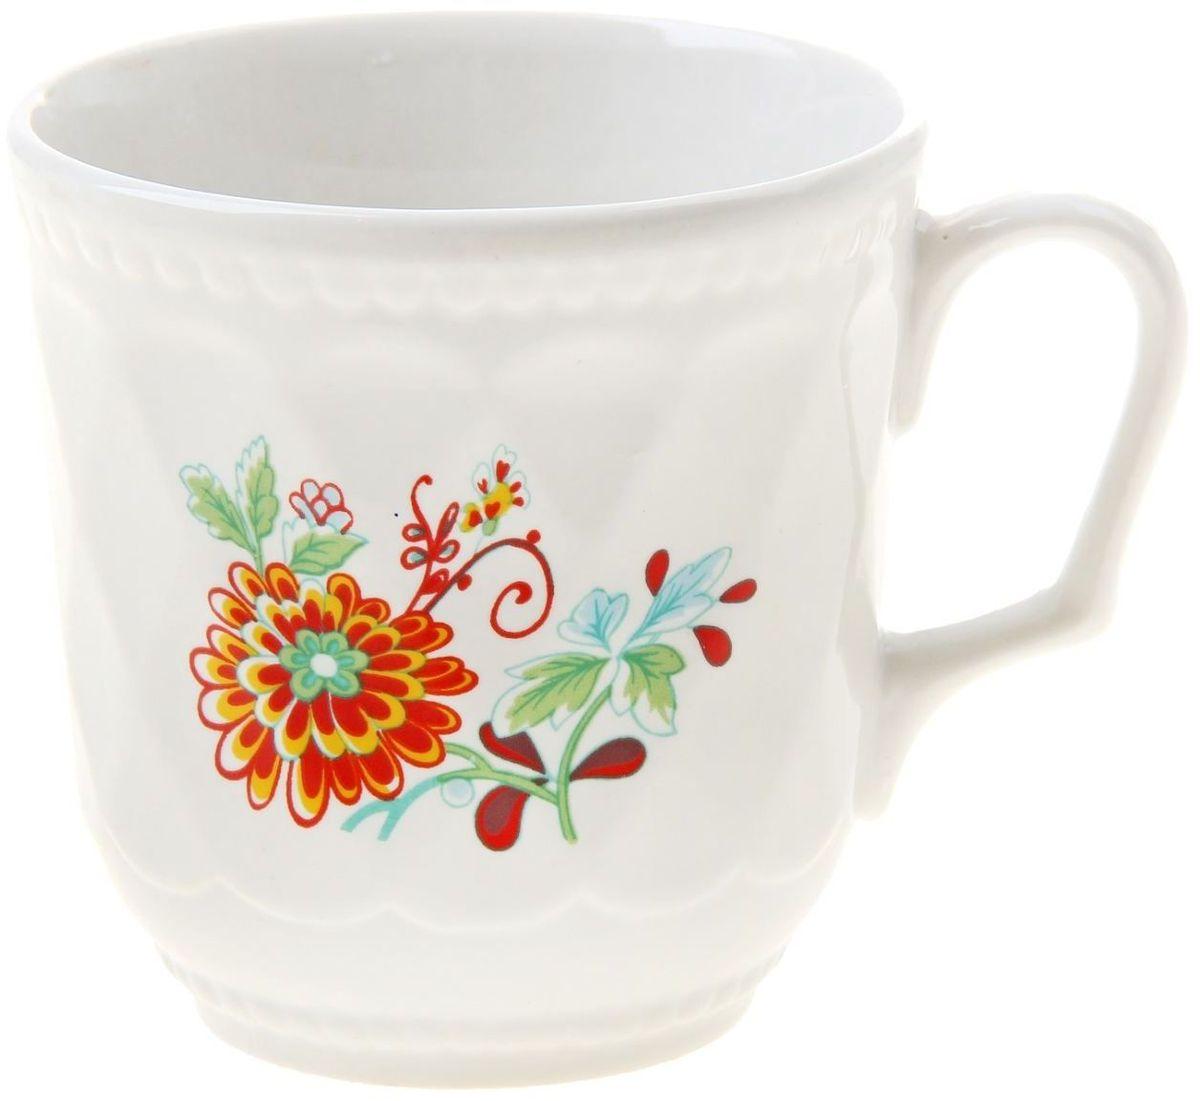 Кружка Доляна Оранжевый цветок, 290 мл2520461Кружка Доляна Оранжевый цветок изготовлена из высококачественной керамики. Изделие оформлено красочным рисунком и покрыто превосходной сверкающей глазурью.Изысканная кружка прекрасно оформит стол к чаепитию и станет его неизменным атрибутом.